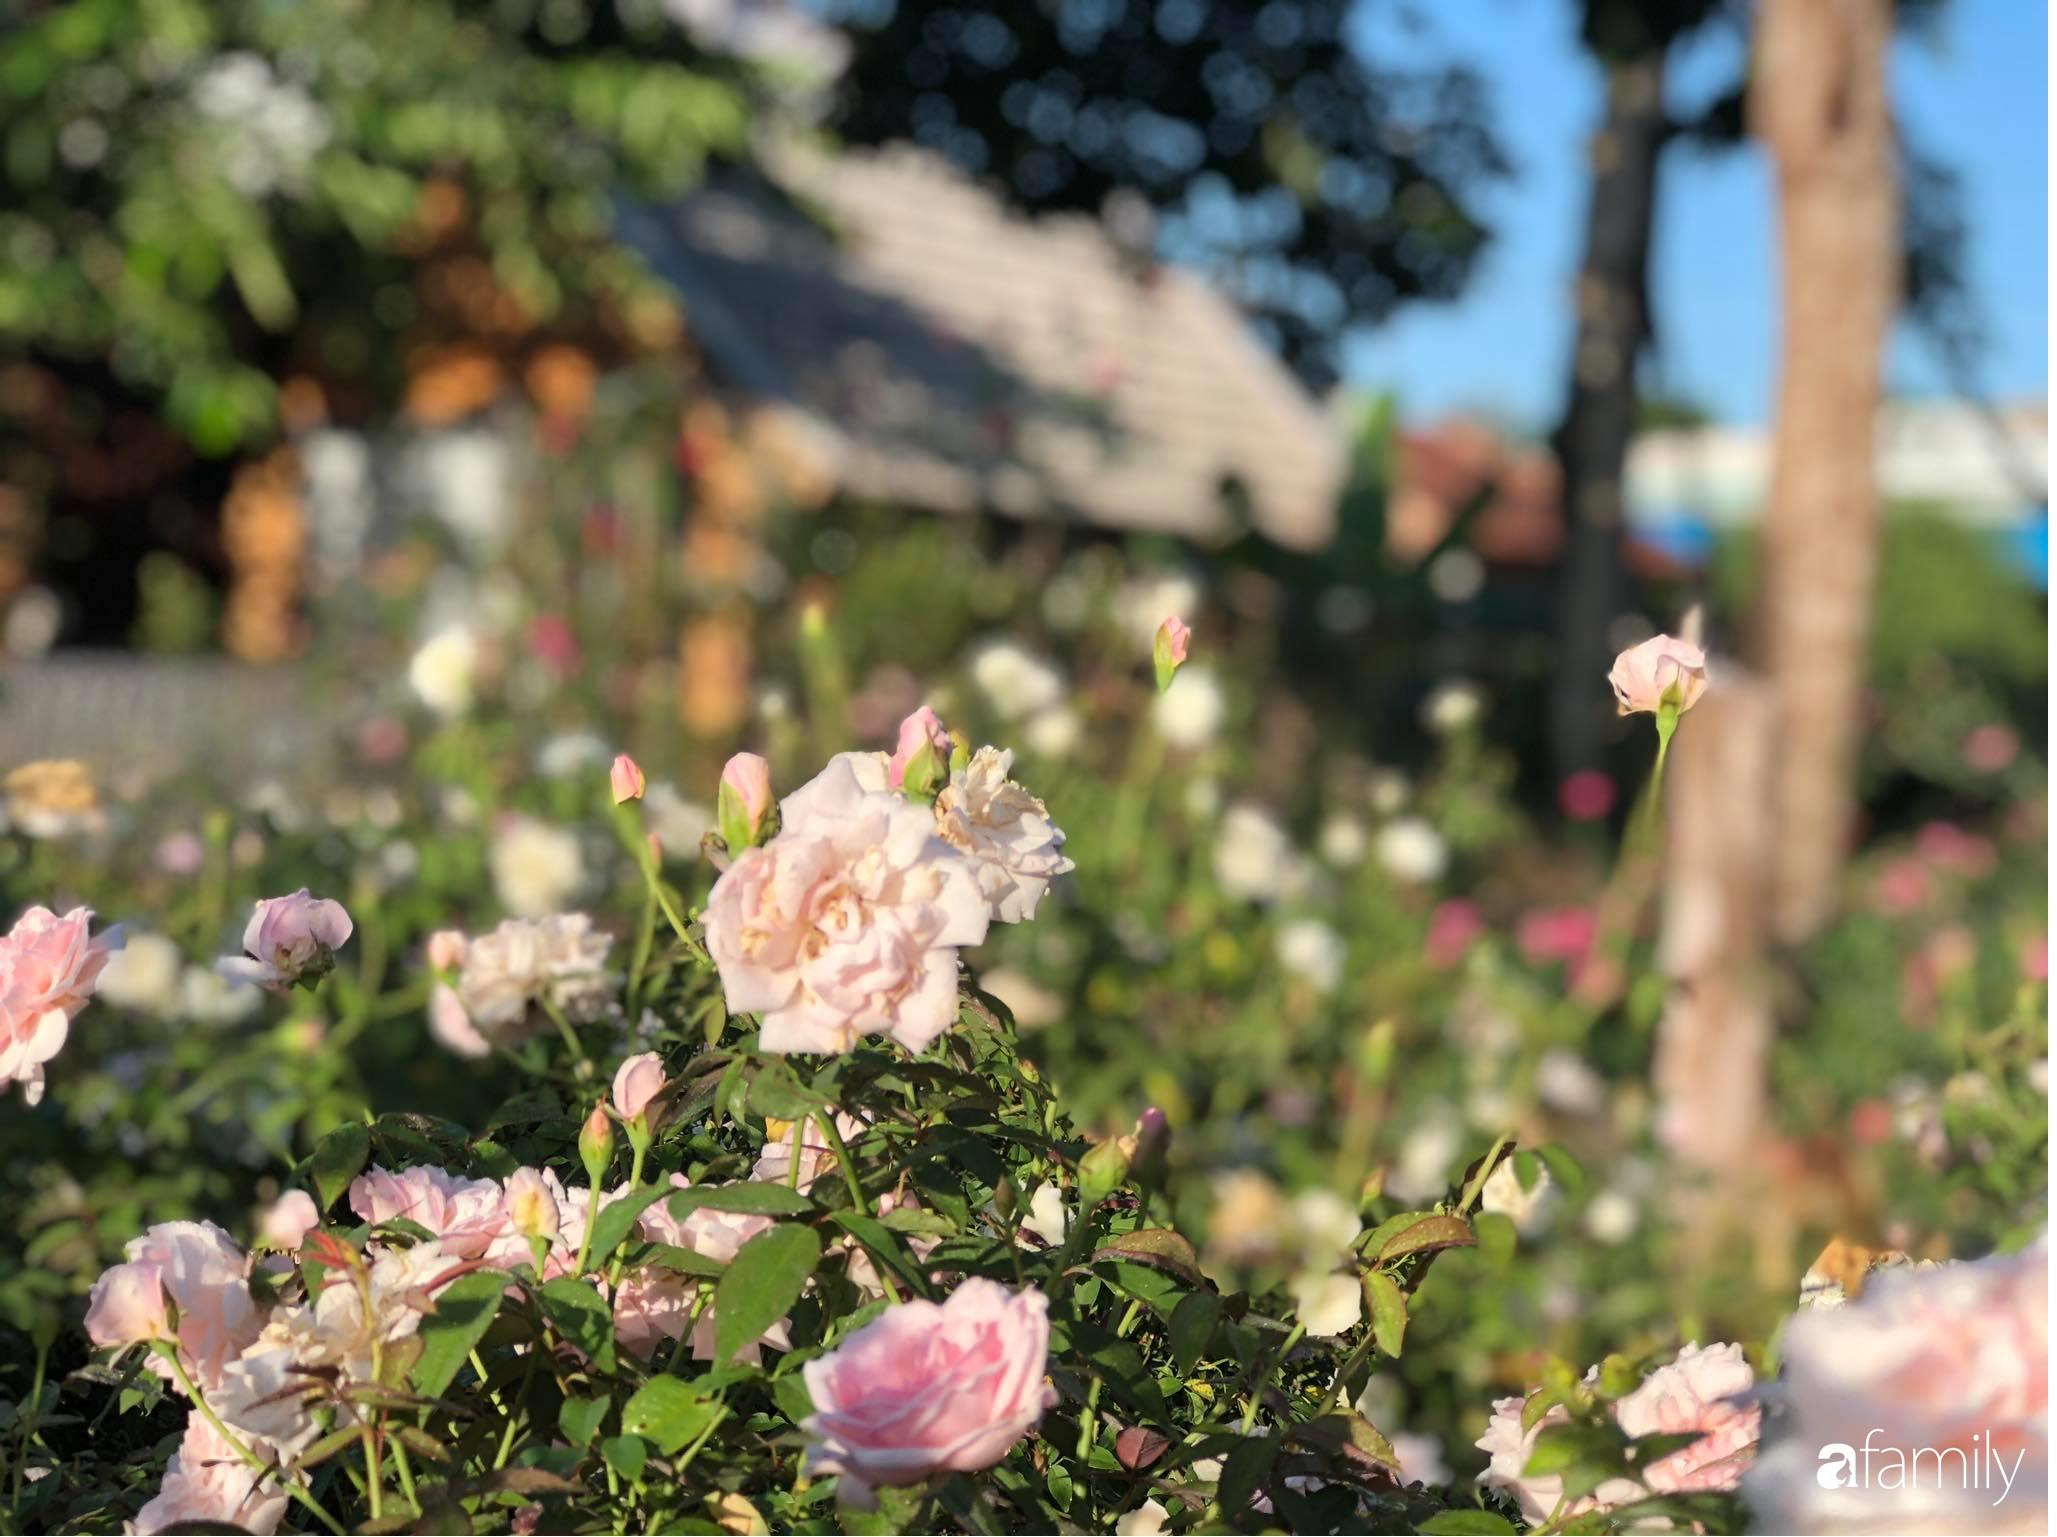 Khu vườn hoa hồng đẹp như cổ tích mà người chồng ngày đêm chăm sóc để tặng vợ con ở Vũng Tàu-28